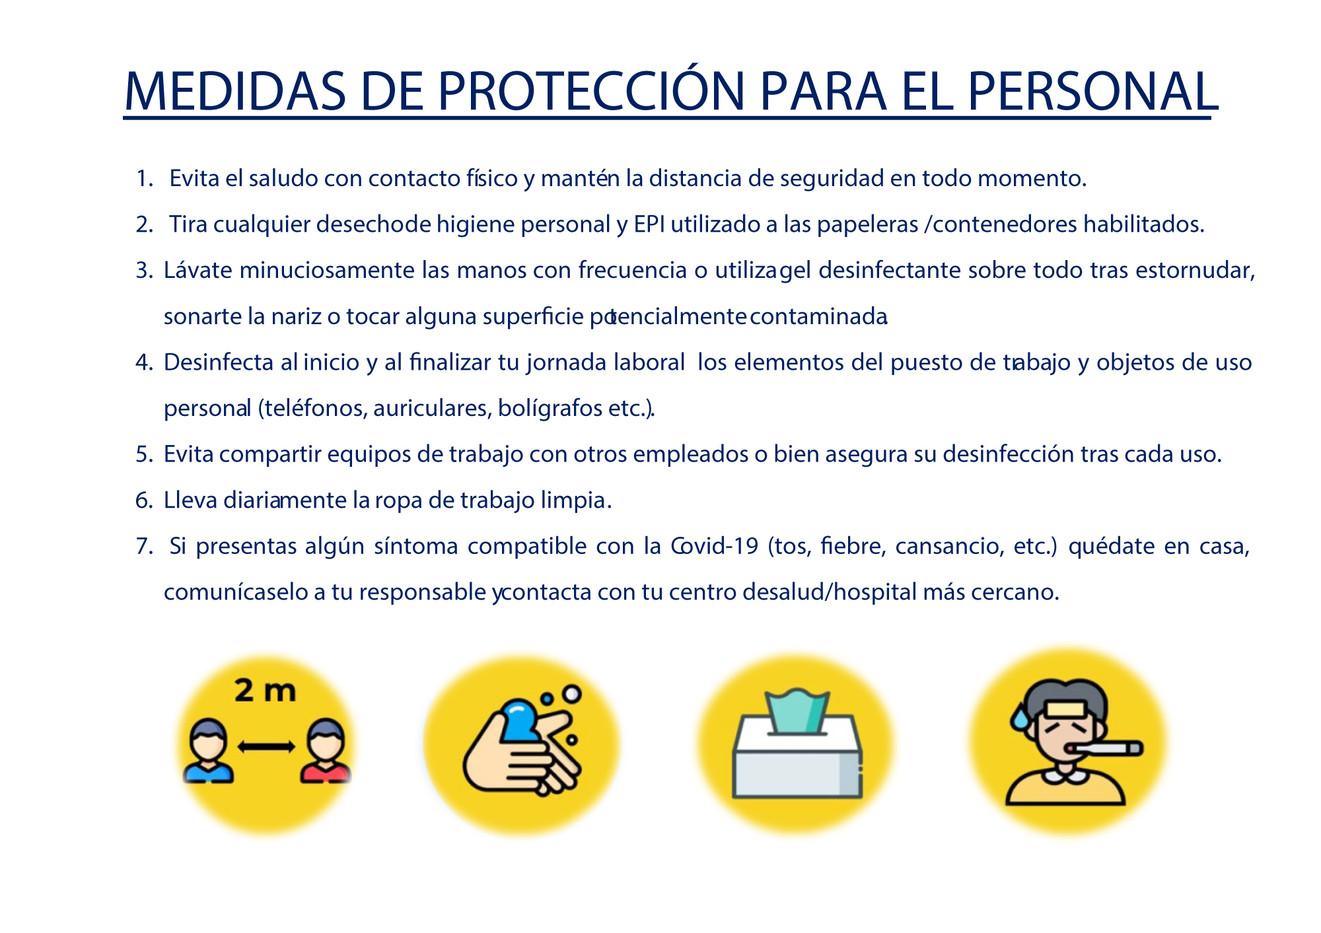 MEDIDAS-DE-PROTECCIÓN-PARA-EL-PERSONAL.